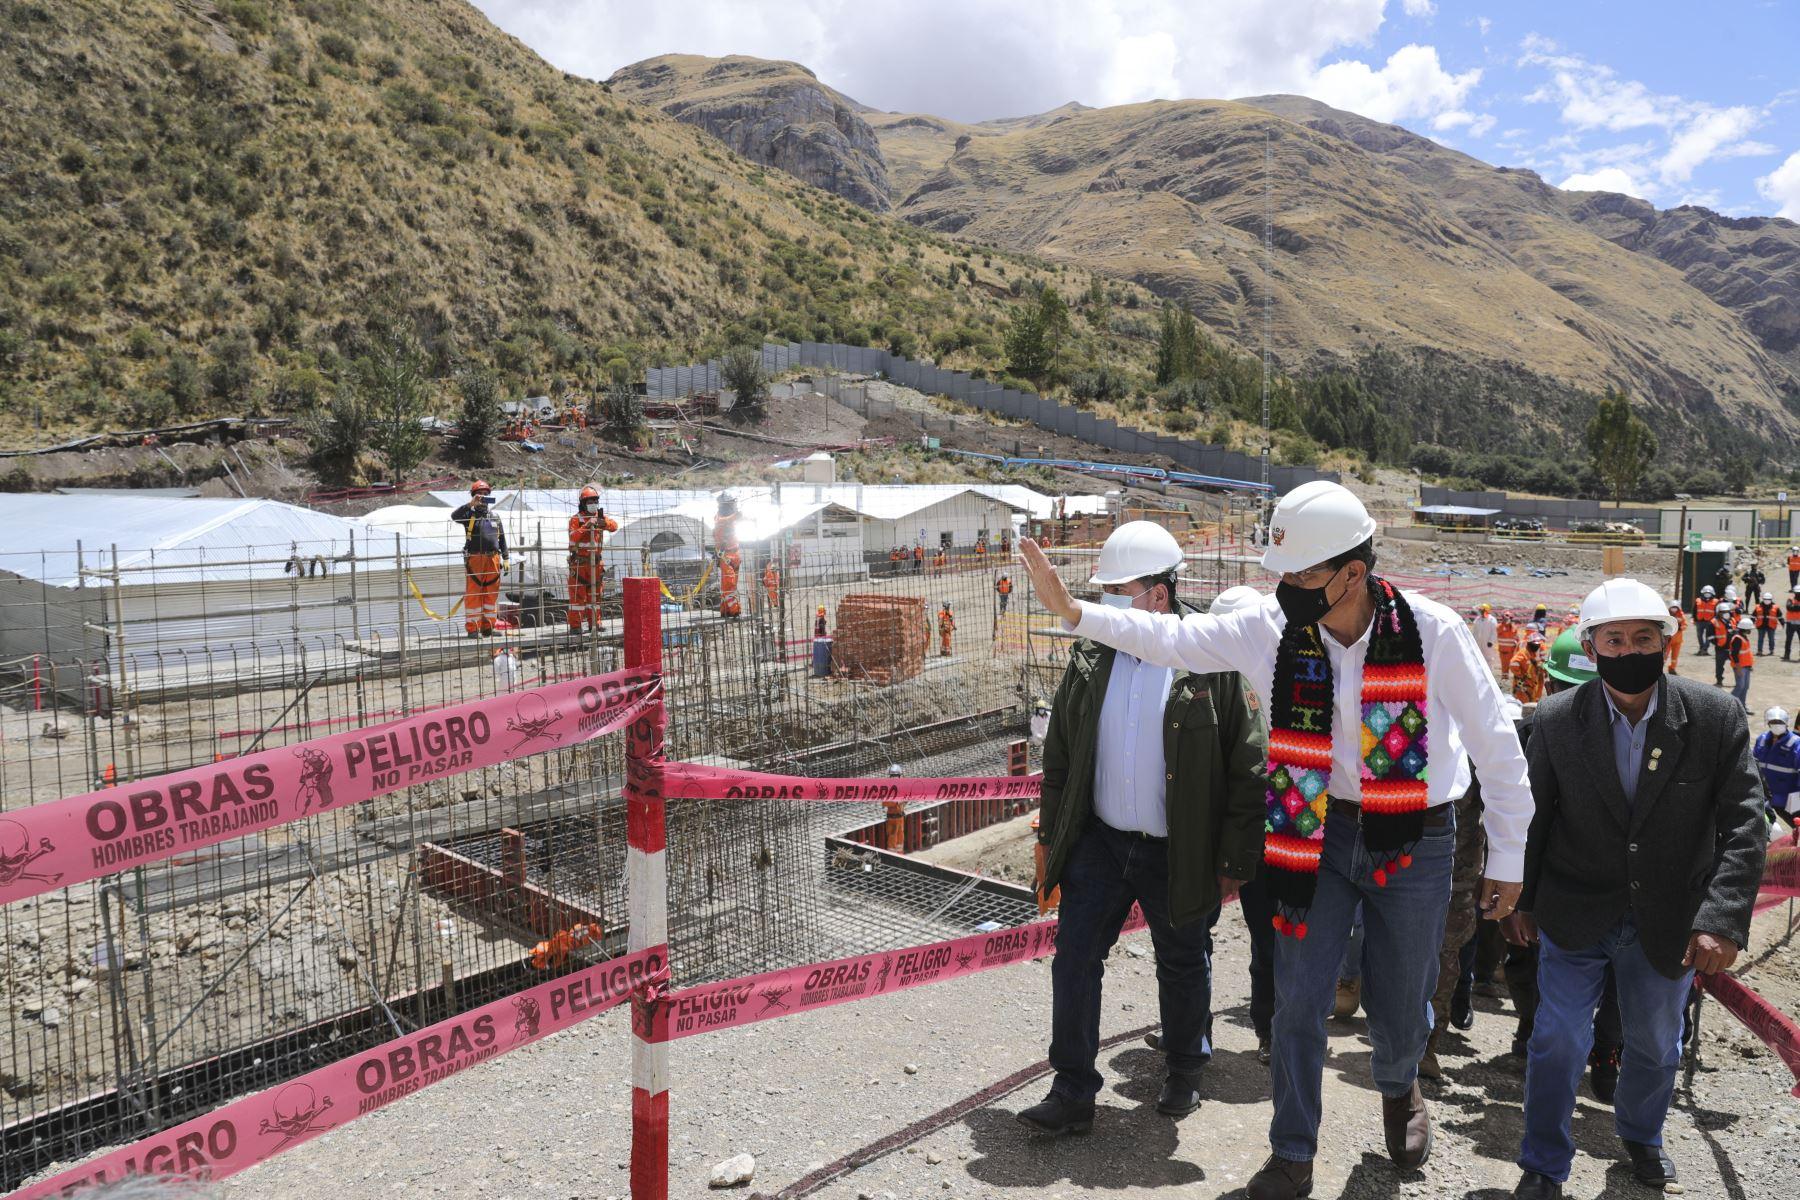 El presidente de la República, Martín Vizcarra, supervisa una serie de obras de salud en la región de Huancavelica, en el marco de las acciones descentralizadas que realiza el Gobierno para luchar contra la covid -19. Foto: ANDINA/ Prensa Presidencia